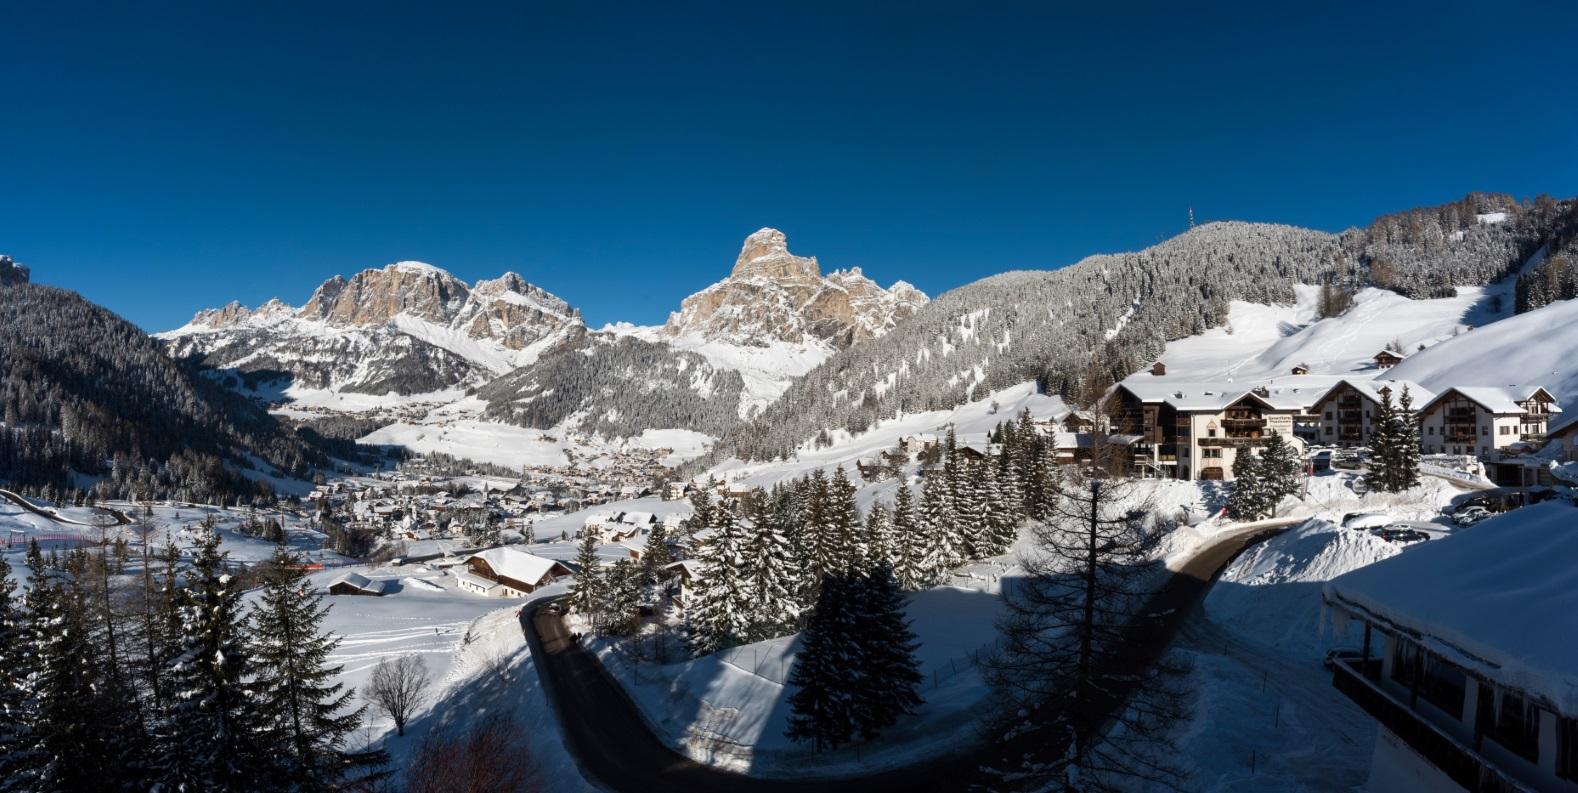 5b0fbc0a0a5eea Das Gadertal mit seinen über 1.200 Pistenkilometern gehört zu den  beliebtesten Wintersport-Adressen in Südtirol. Mitten in der magischen Welt  der Dolomiten ...